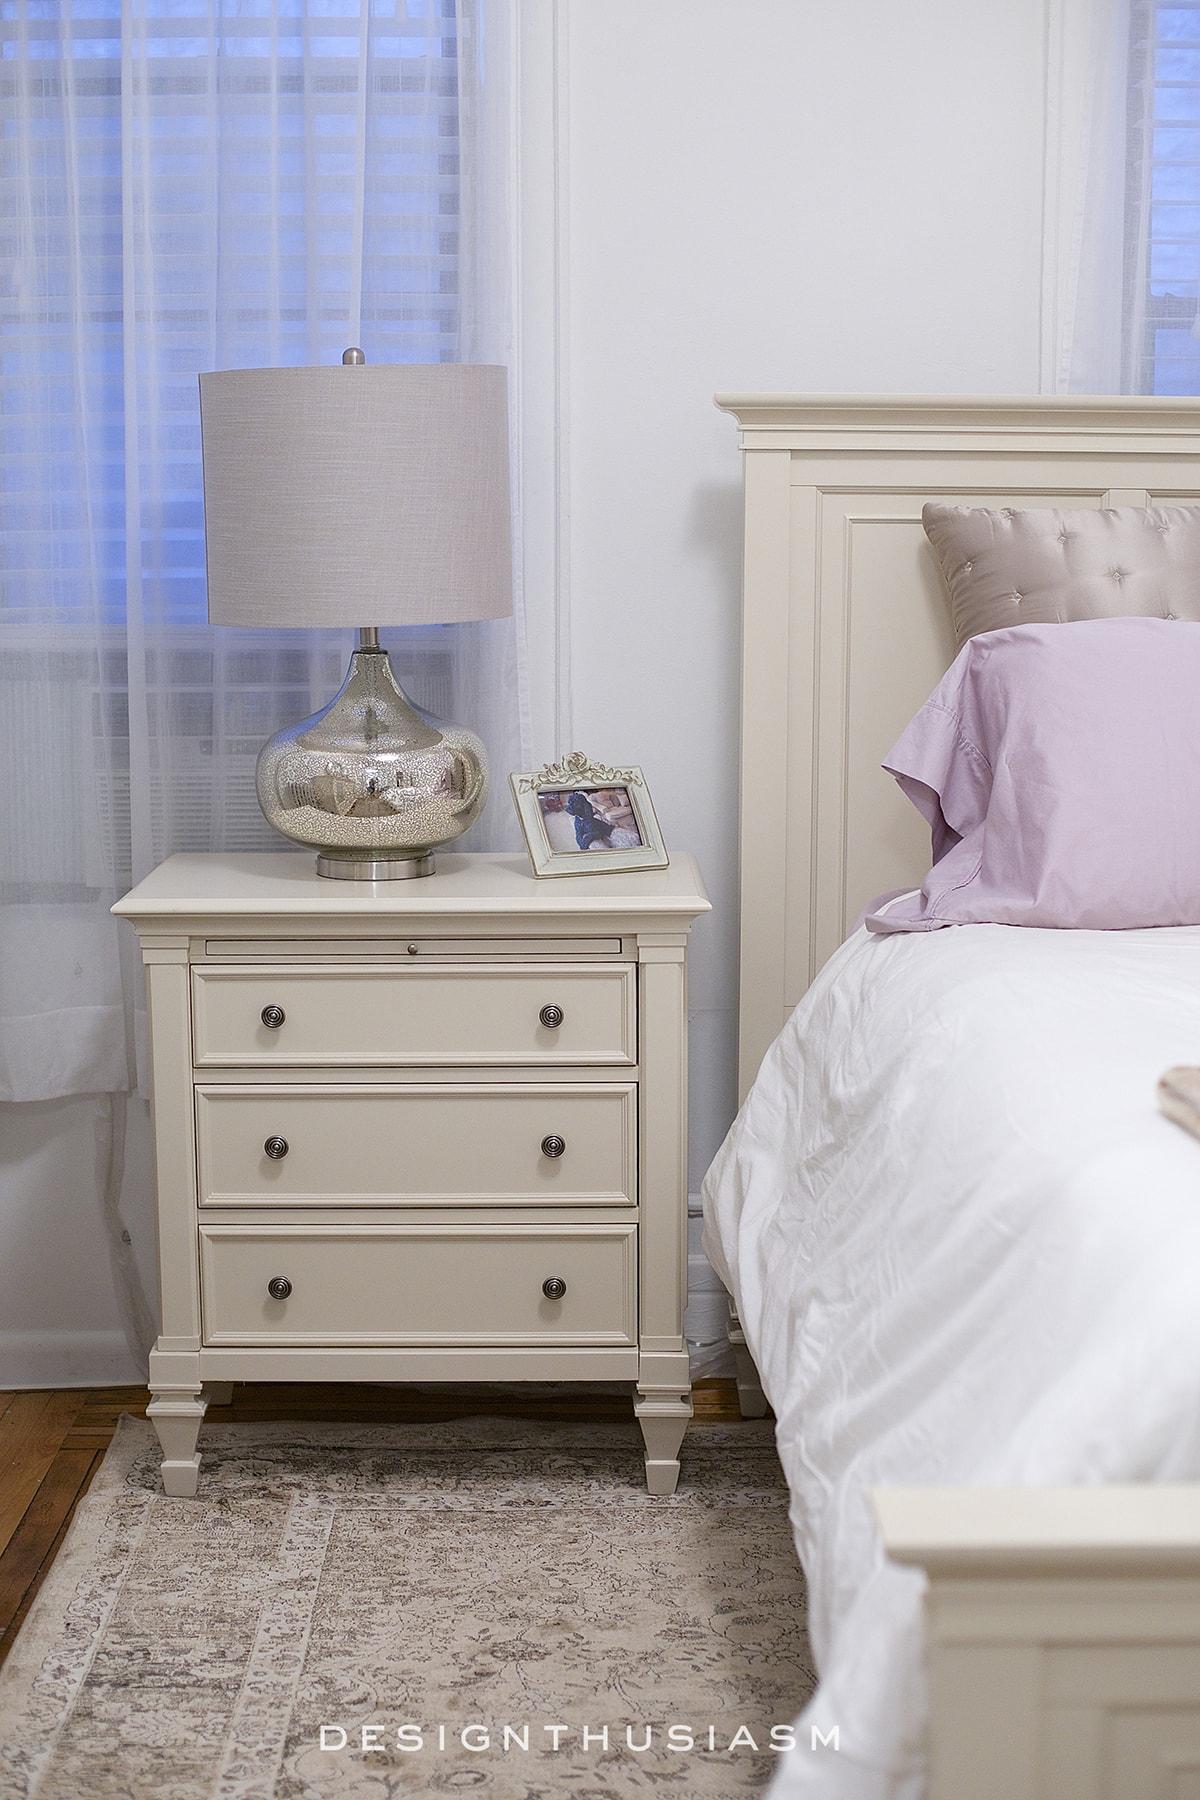 Small Apartment Bedroom   Designthusiasm.com